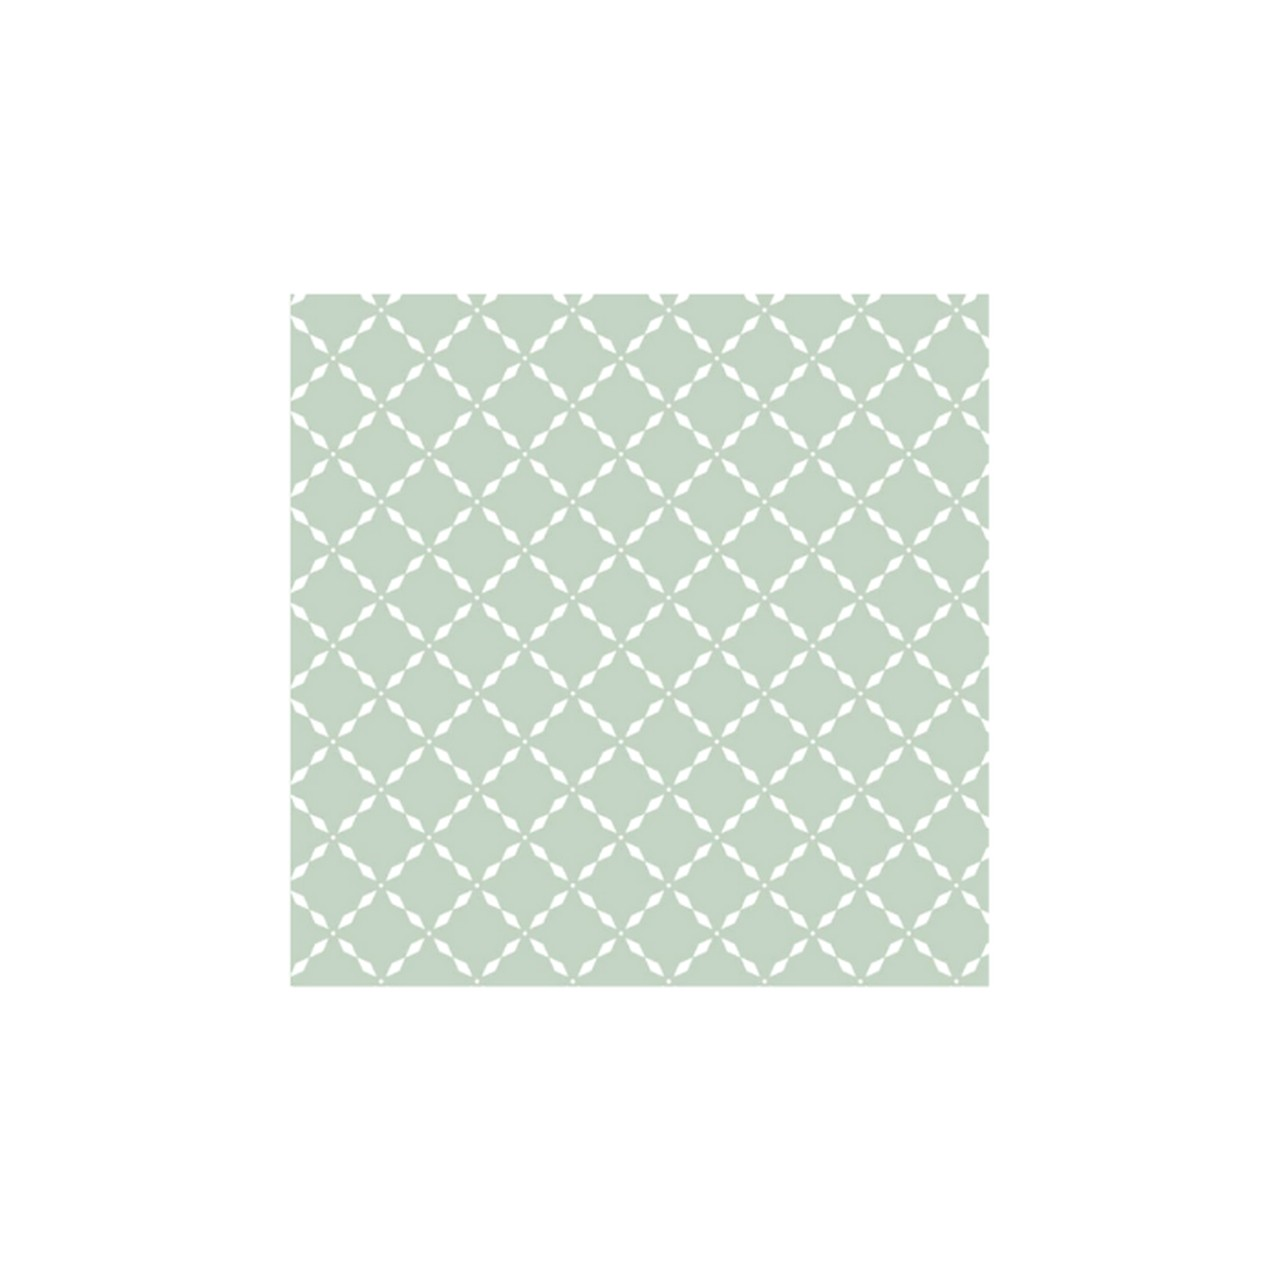 Jogo lençol de elástico solteiro estampa geométrico verde chá   - Pomelo Decor